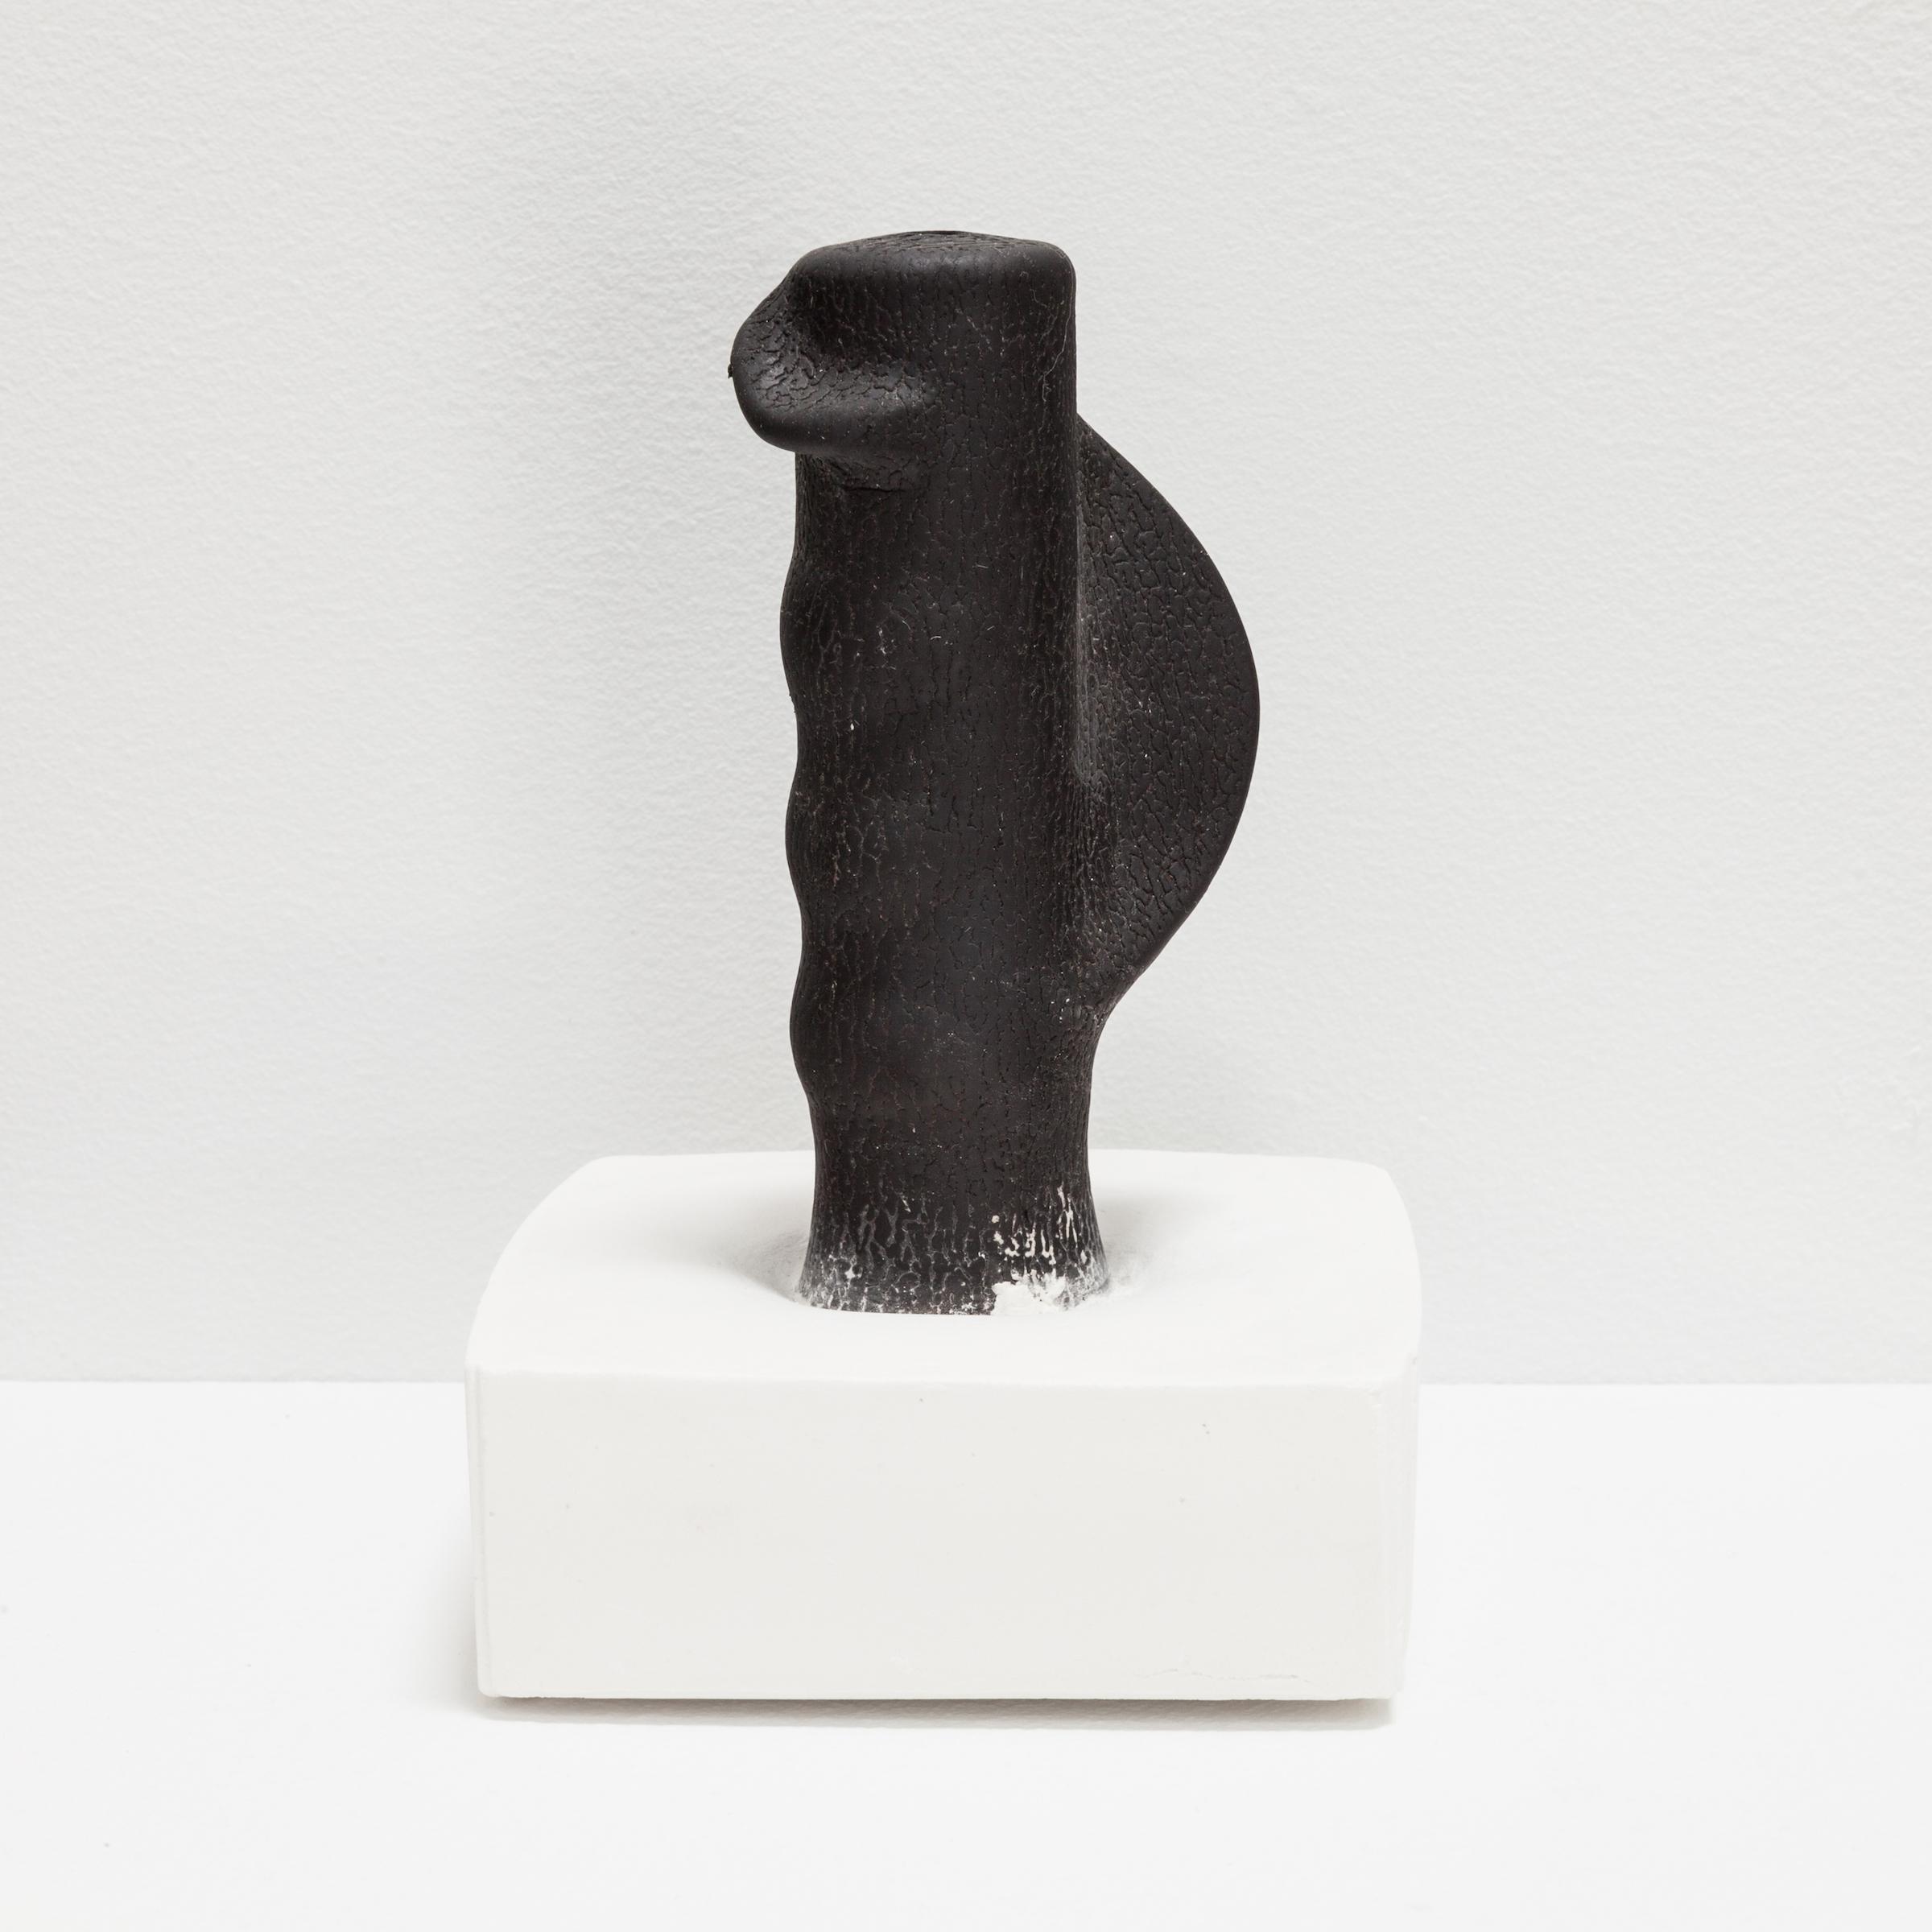 Deborah Hede,  Black Foam , 2014, foam fragment, plaster, 3 ¾ × 4 × 4 in